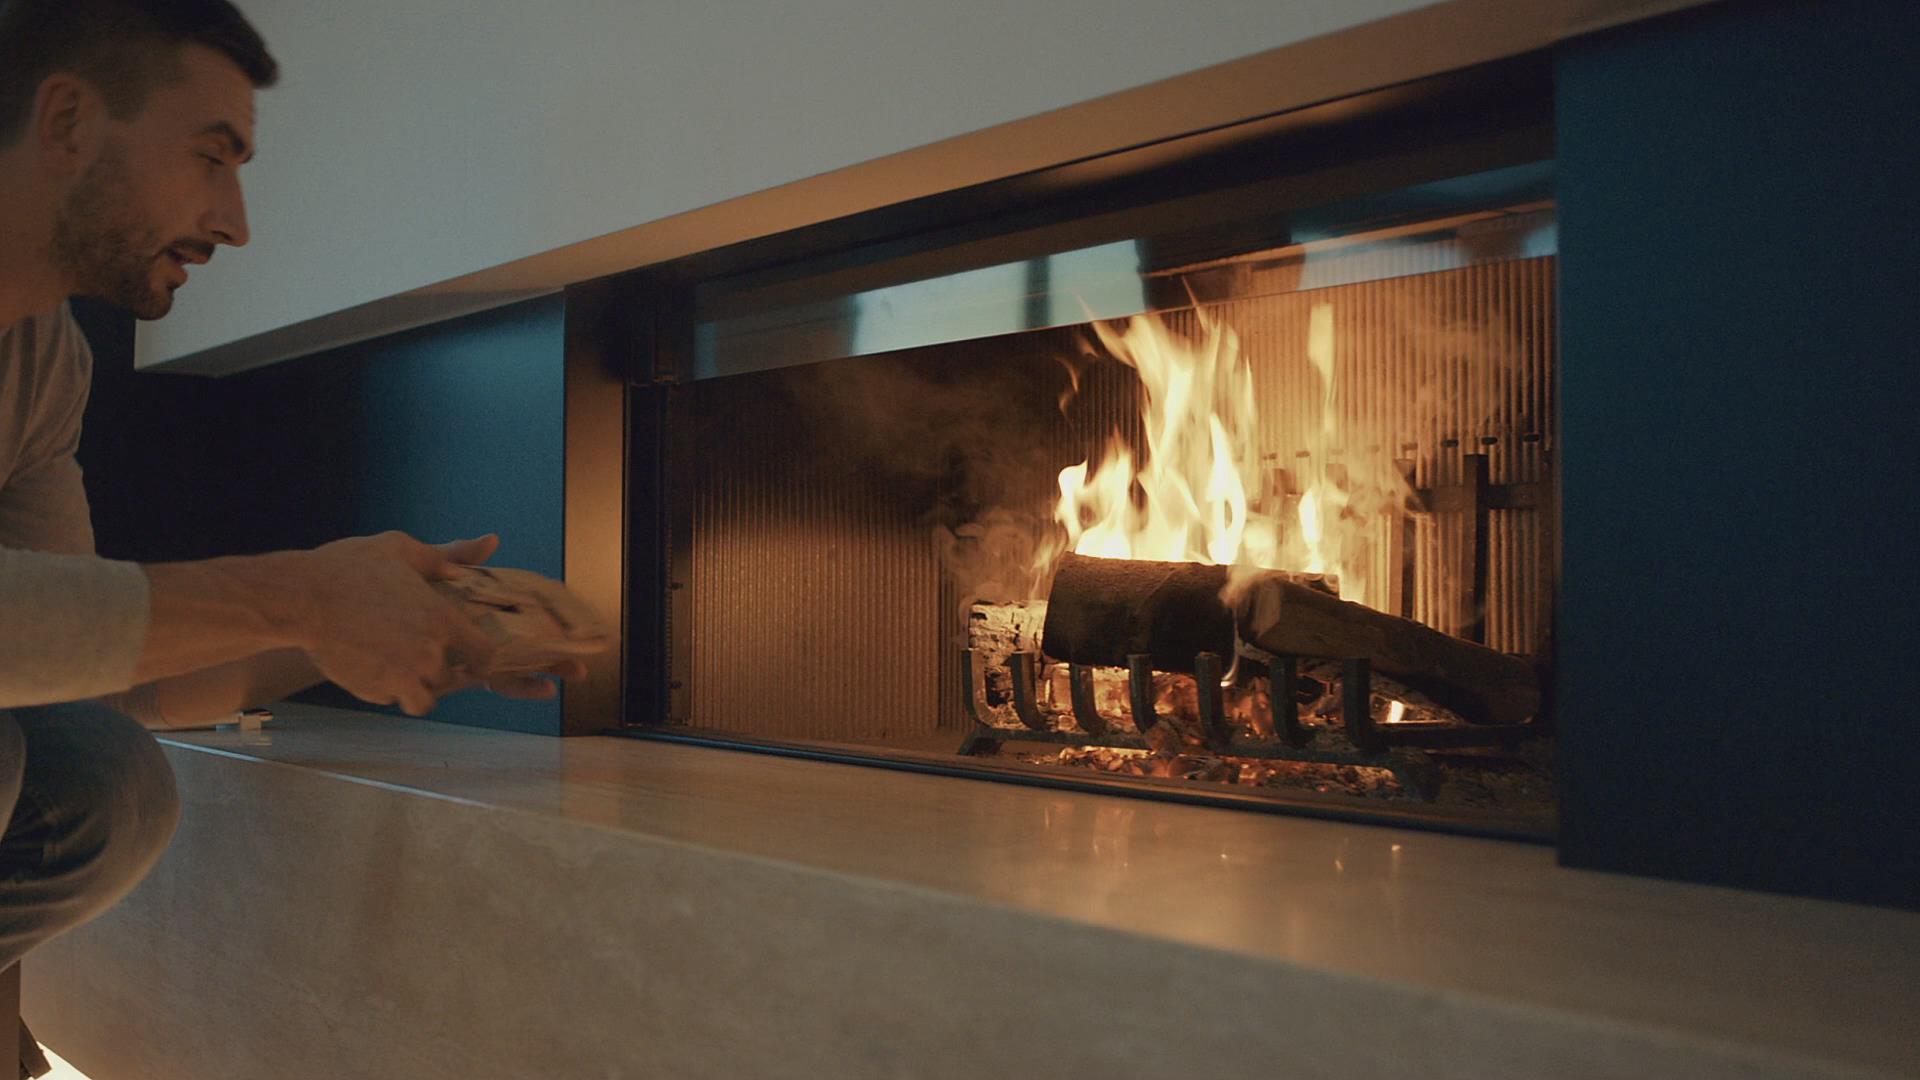 PALAZZETTI品牌燃木壁炉带体验现代时尚家居生活